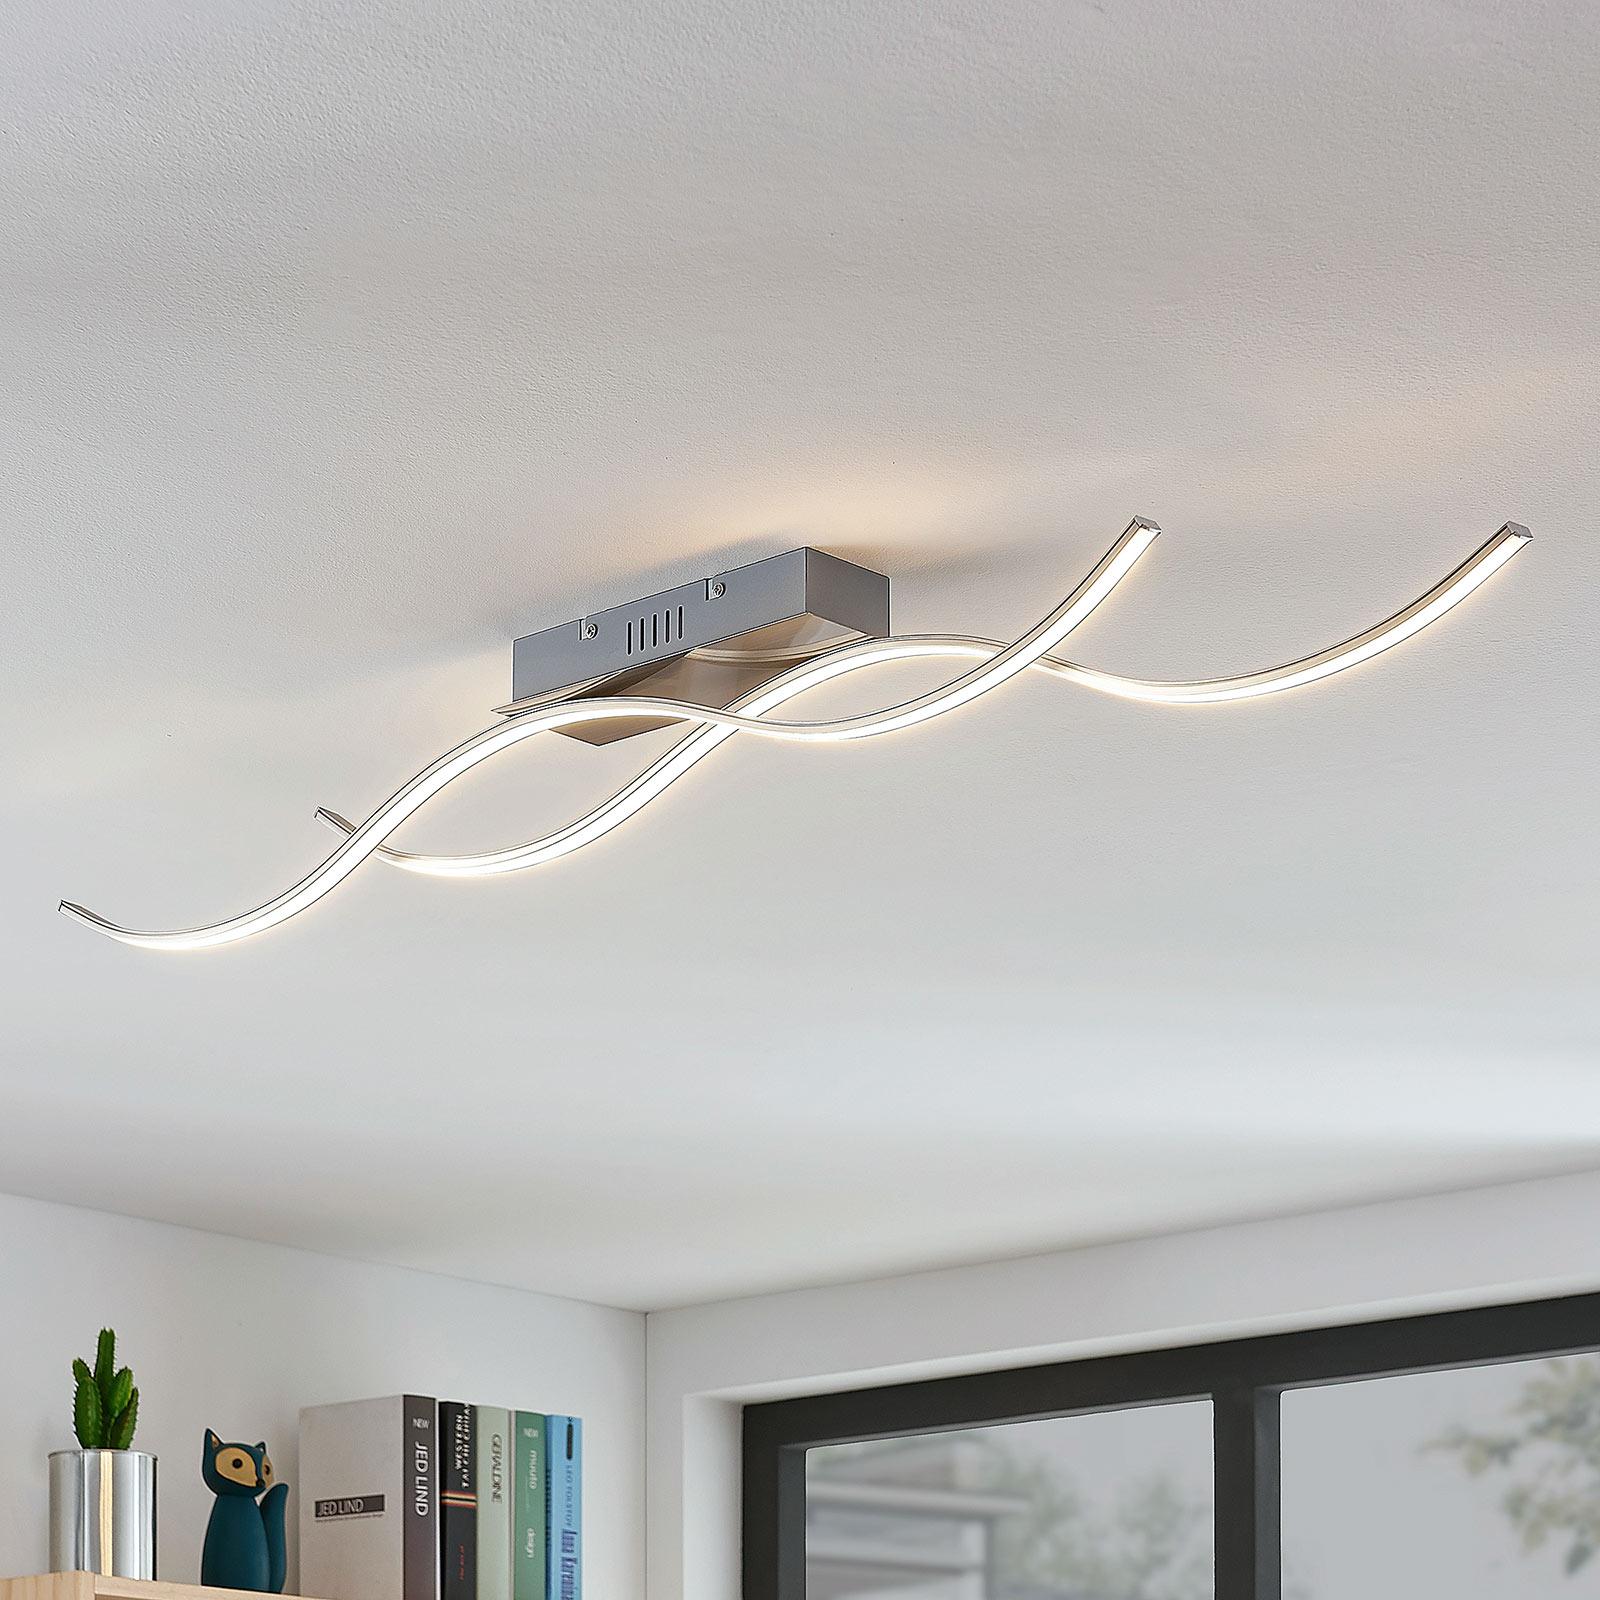 Aaltomainen LED-kattolamppu Safia, 2-lamppuinen